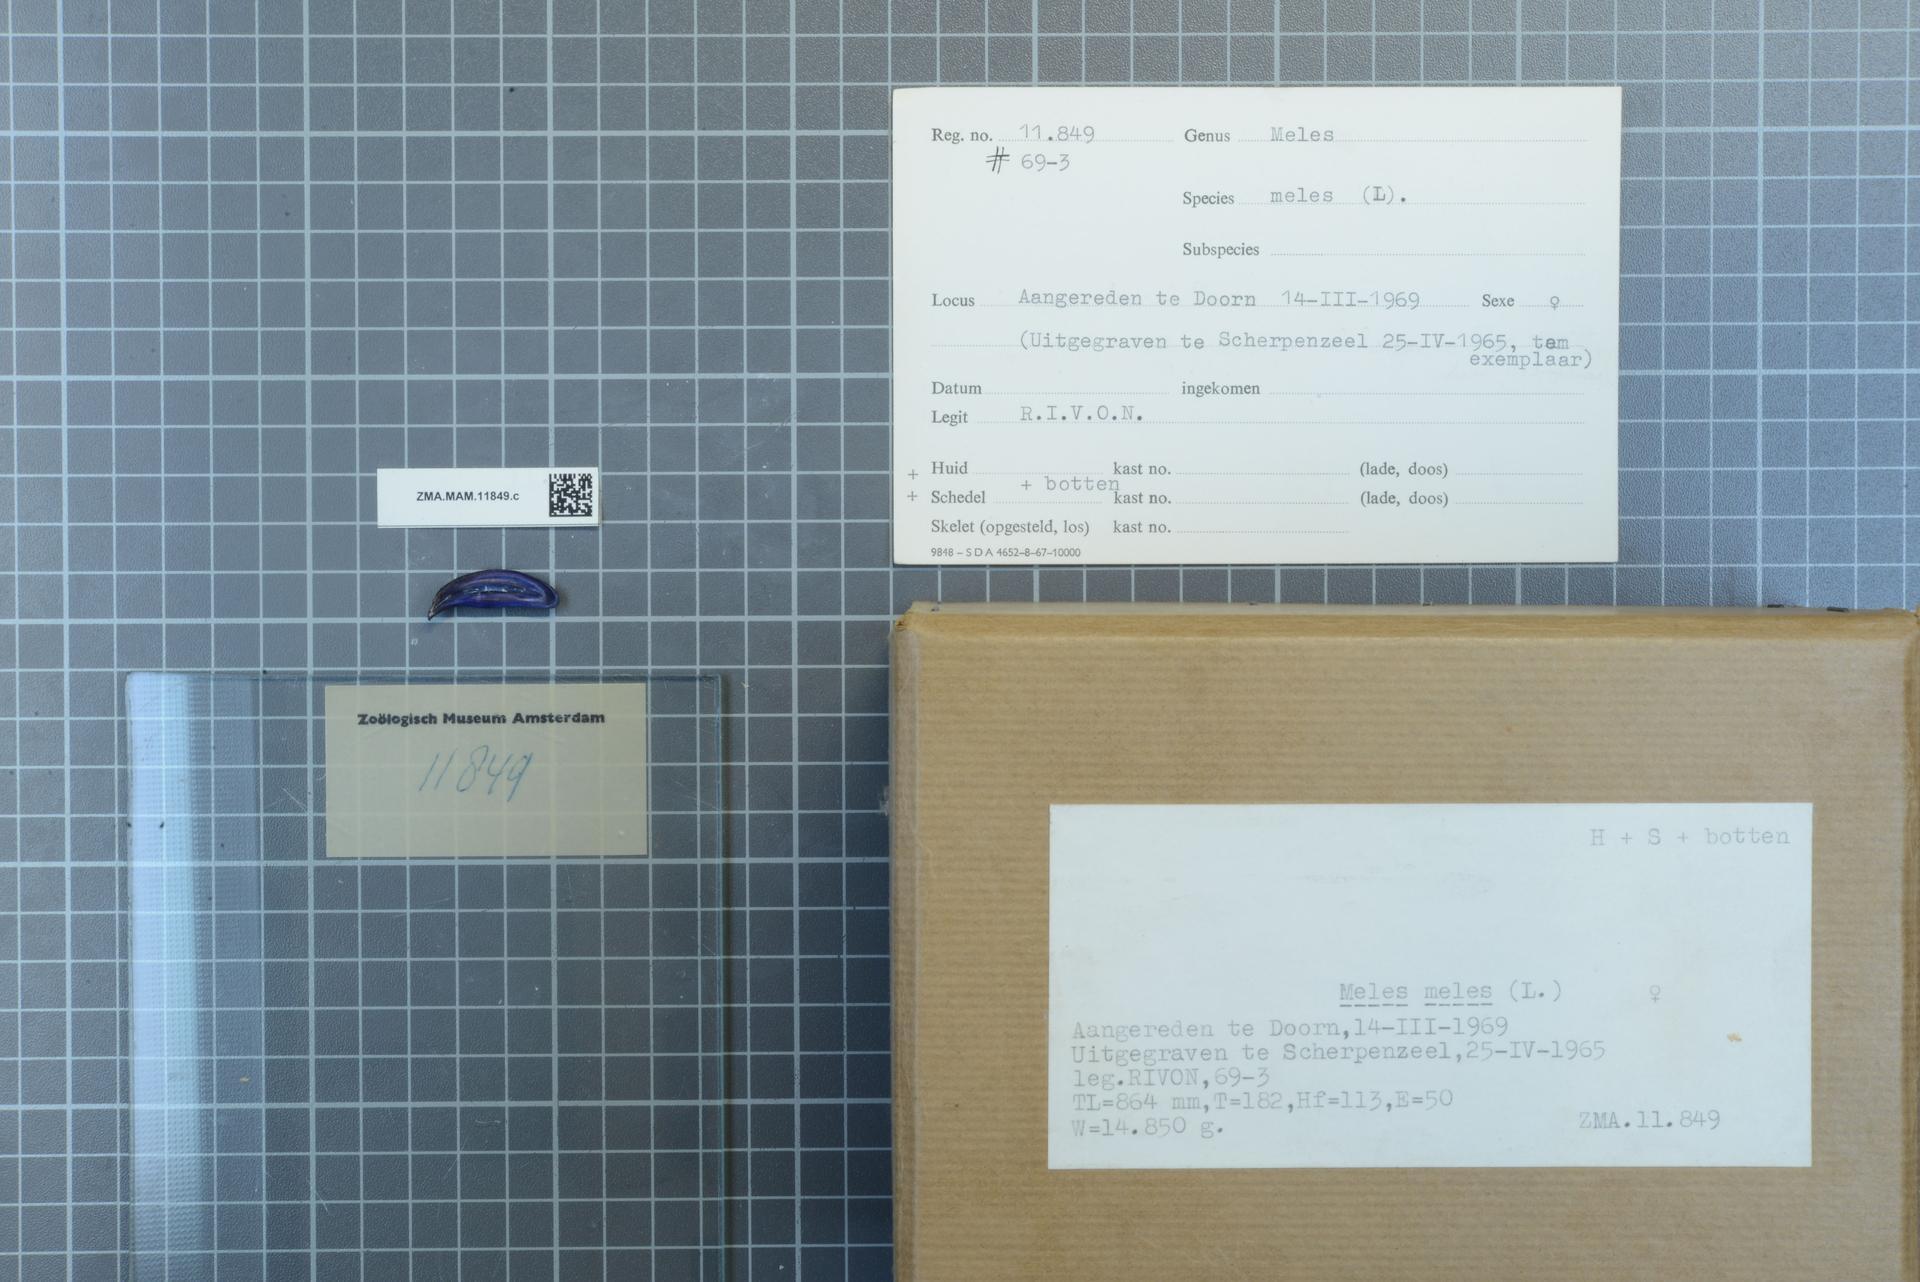 Filenaturalis Biodiversity Center Zmamam11849c Lab